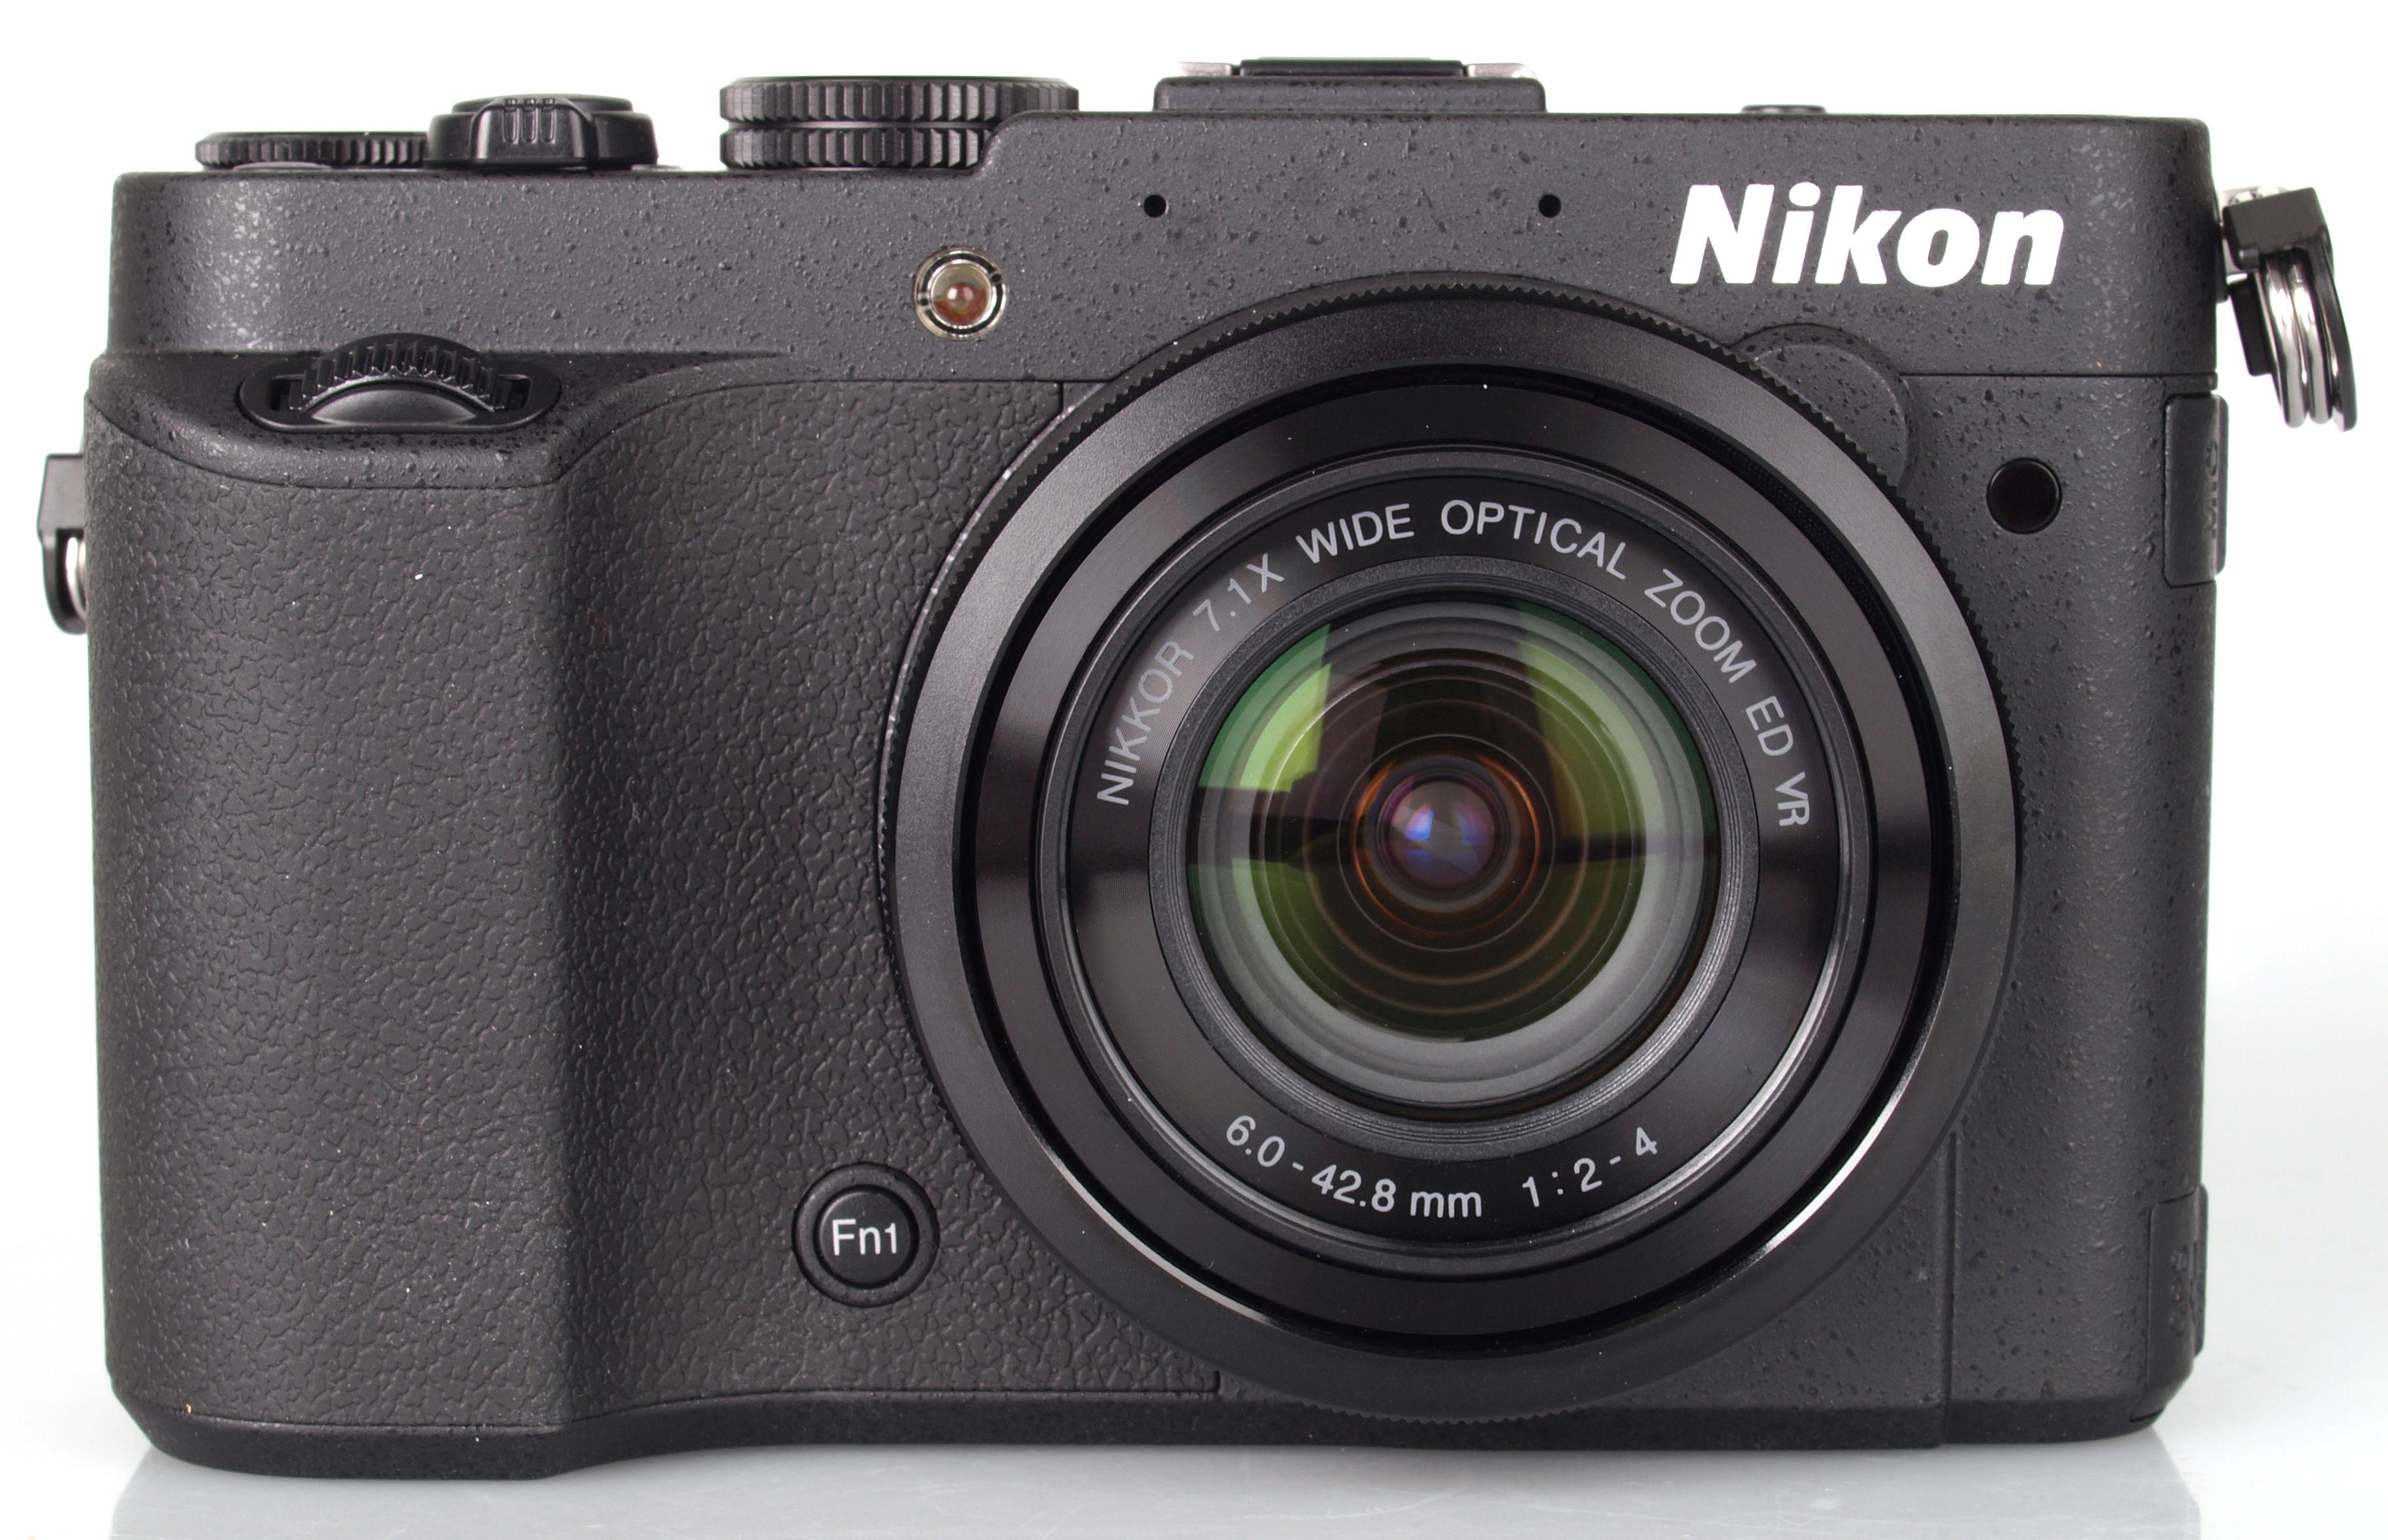 Nikon COOLPIX P7700 Camera Driver